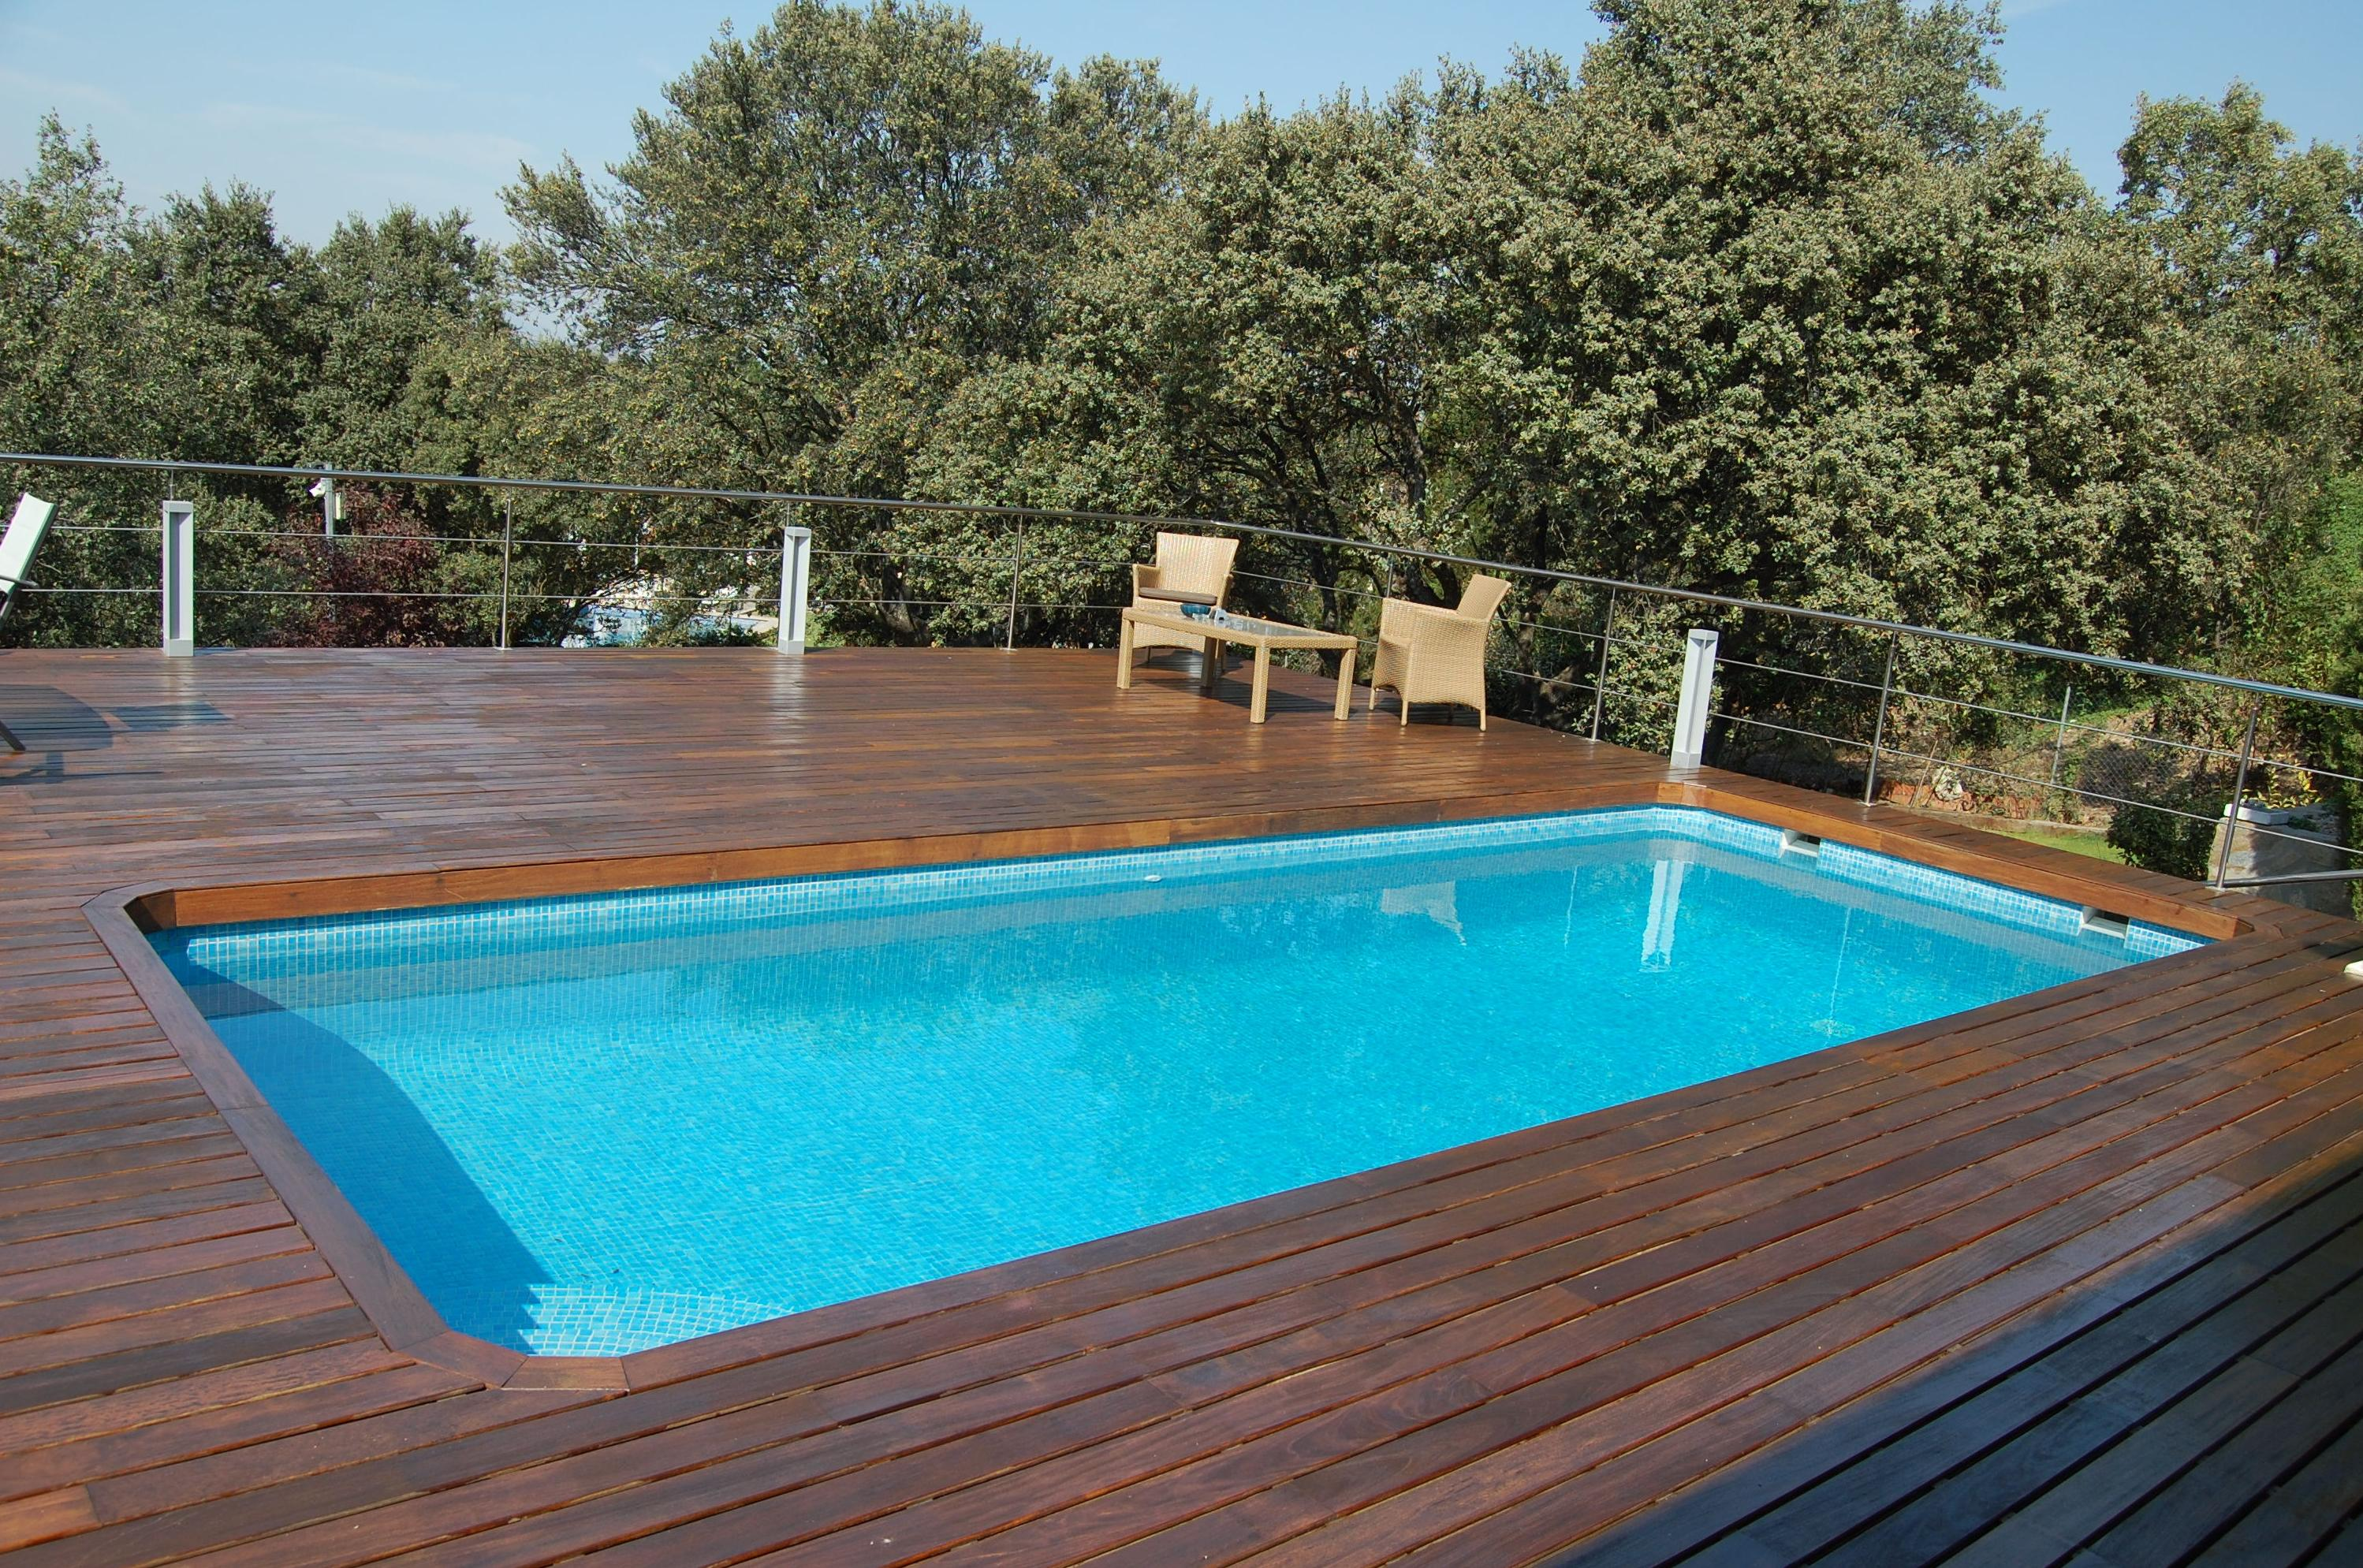 Piscinas de obra piscinas y accesorios de ardigral for Piscinas de obra